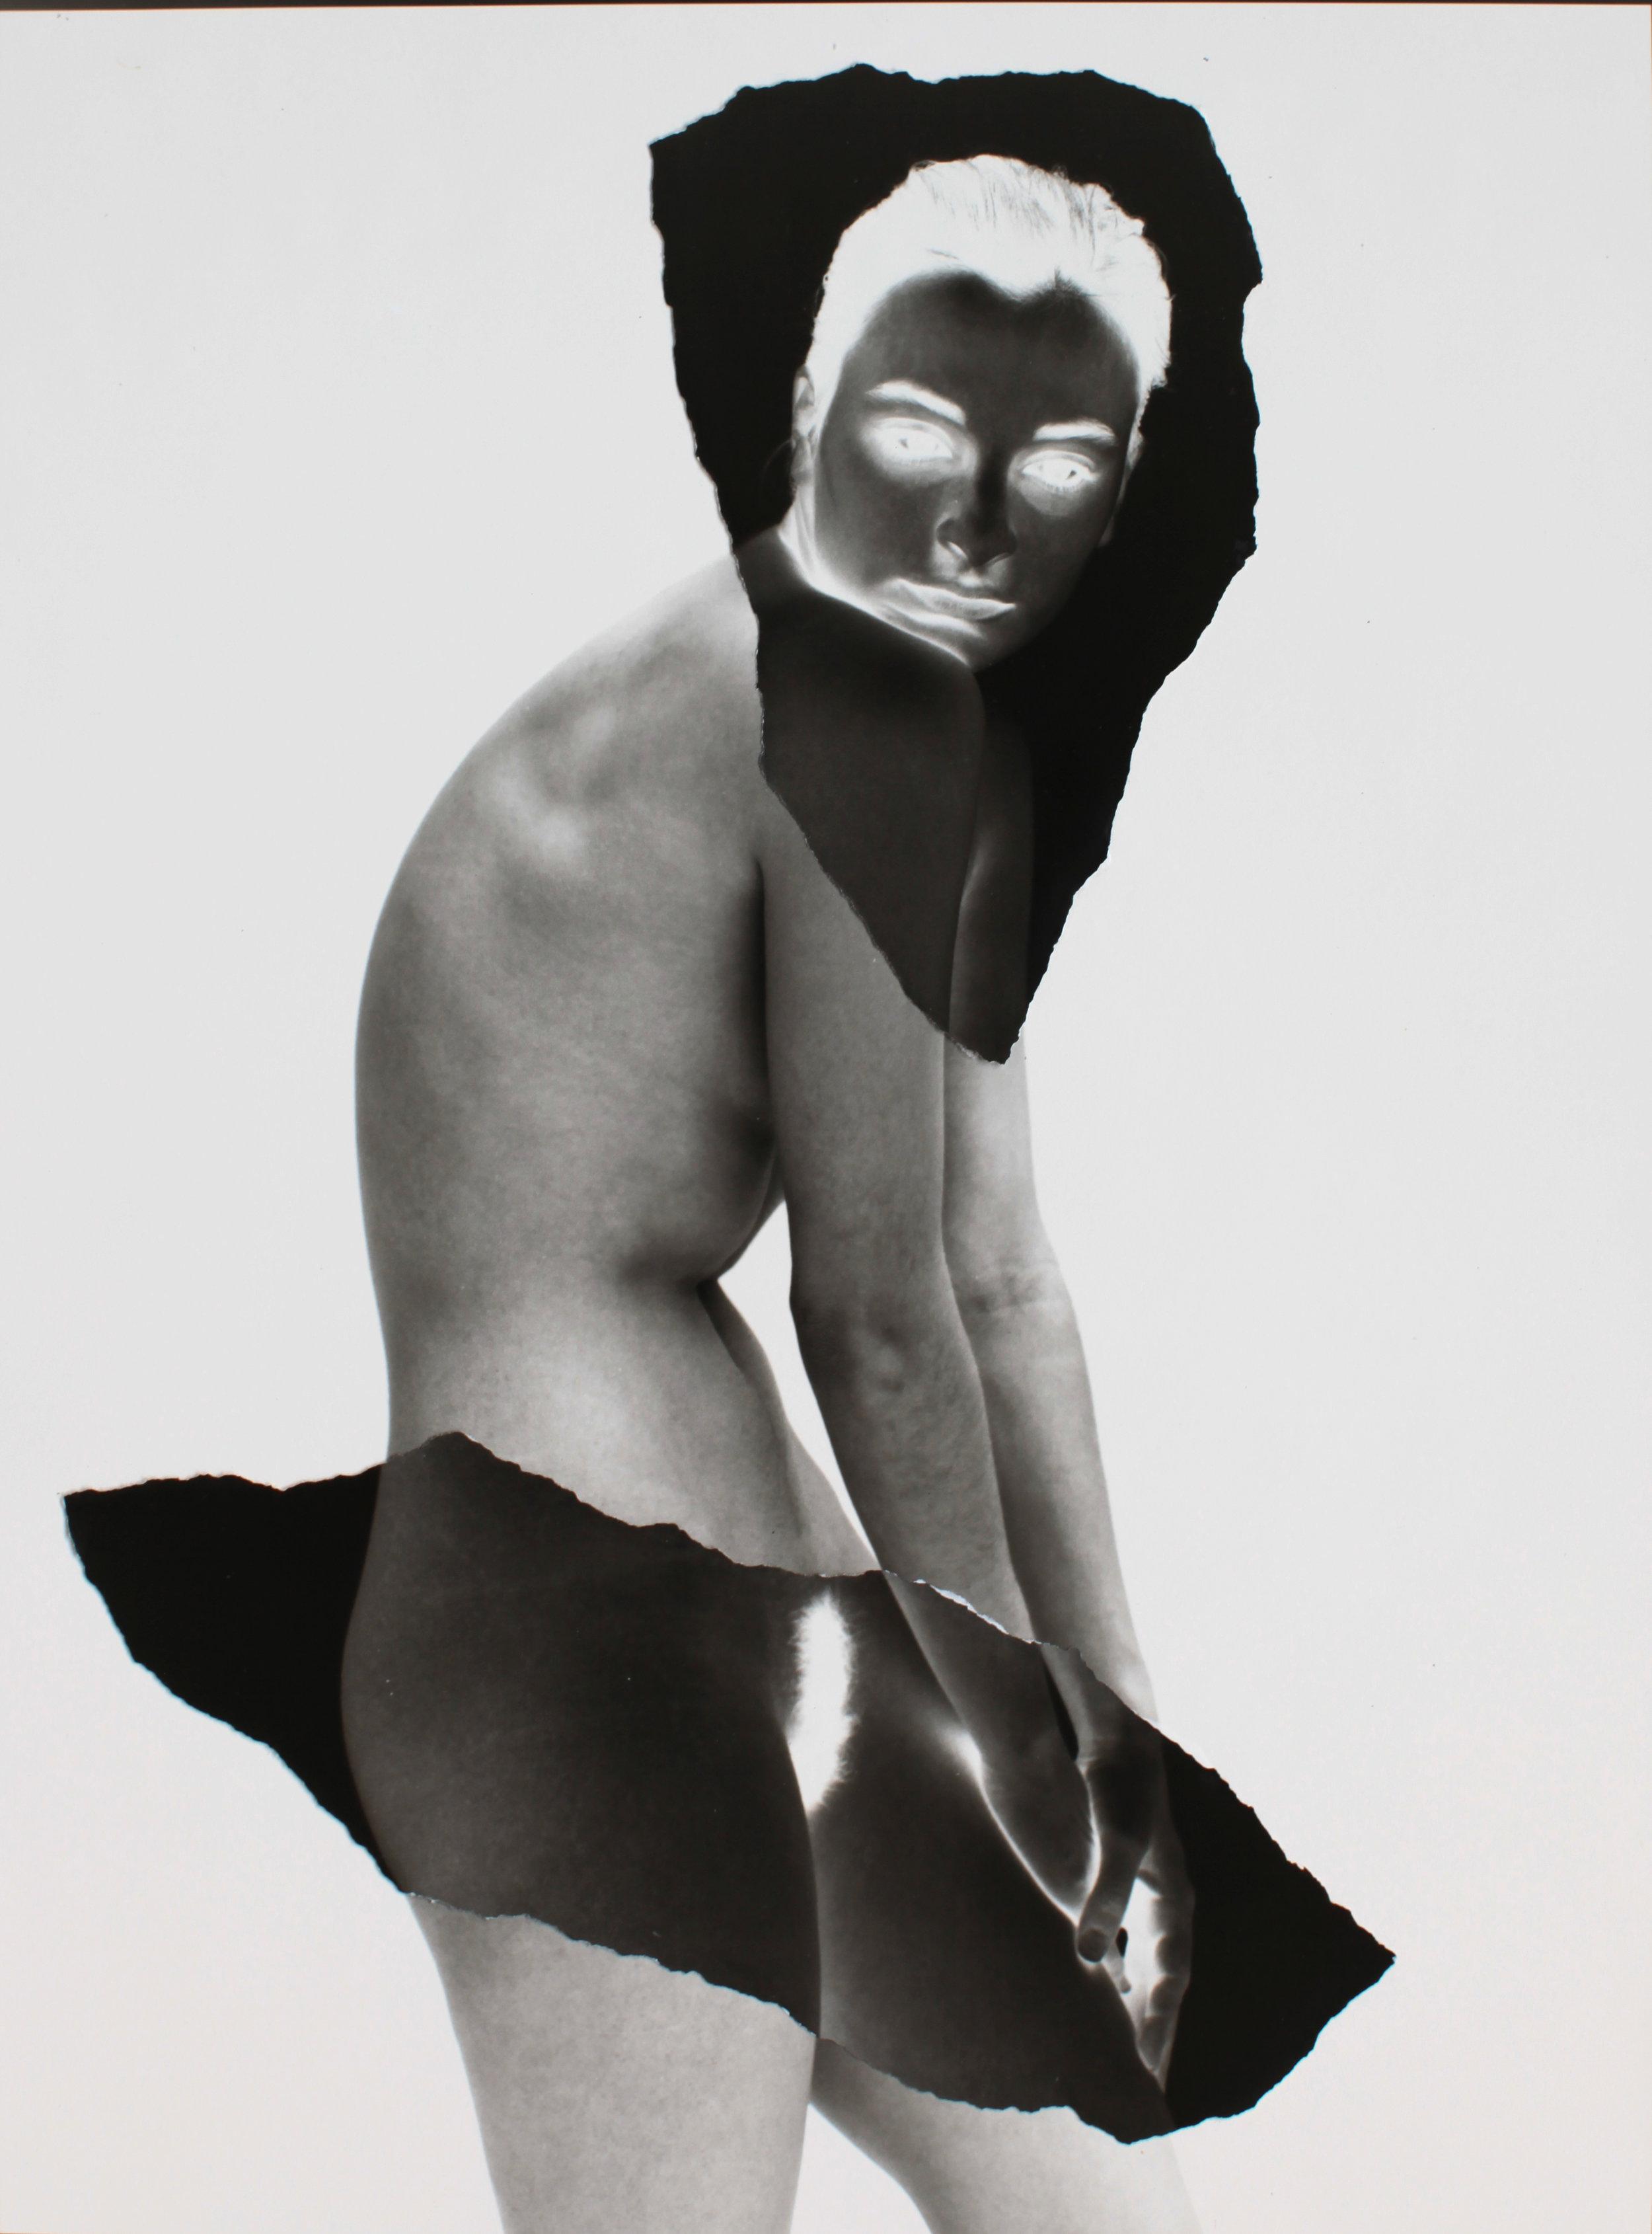 GTB_Henri-Foucault_Le-Corps-Infiniment-Entre-deux-2_LD.jpg